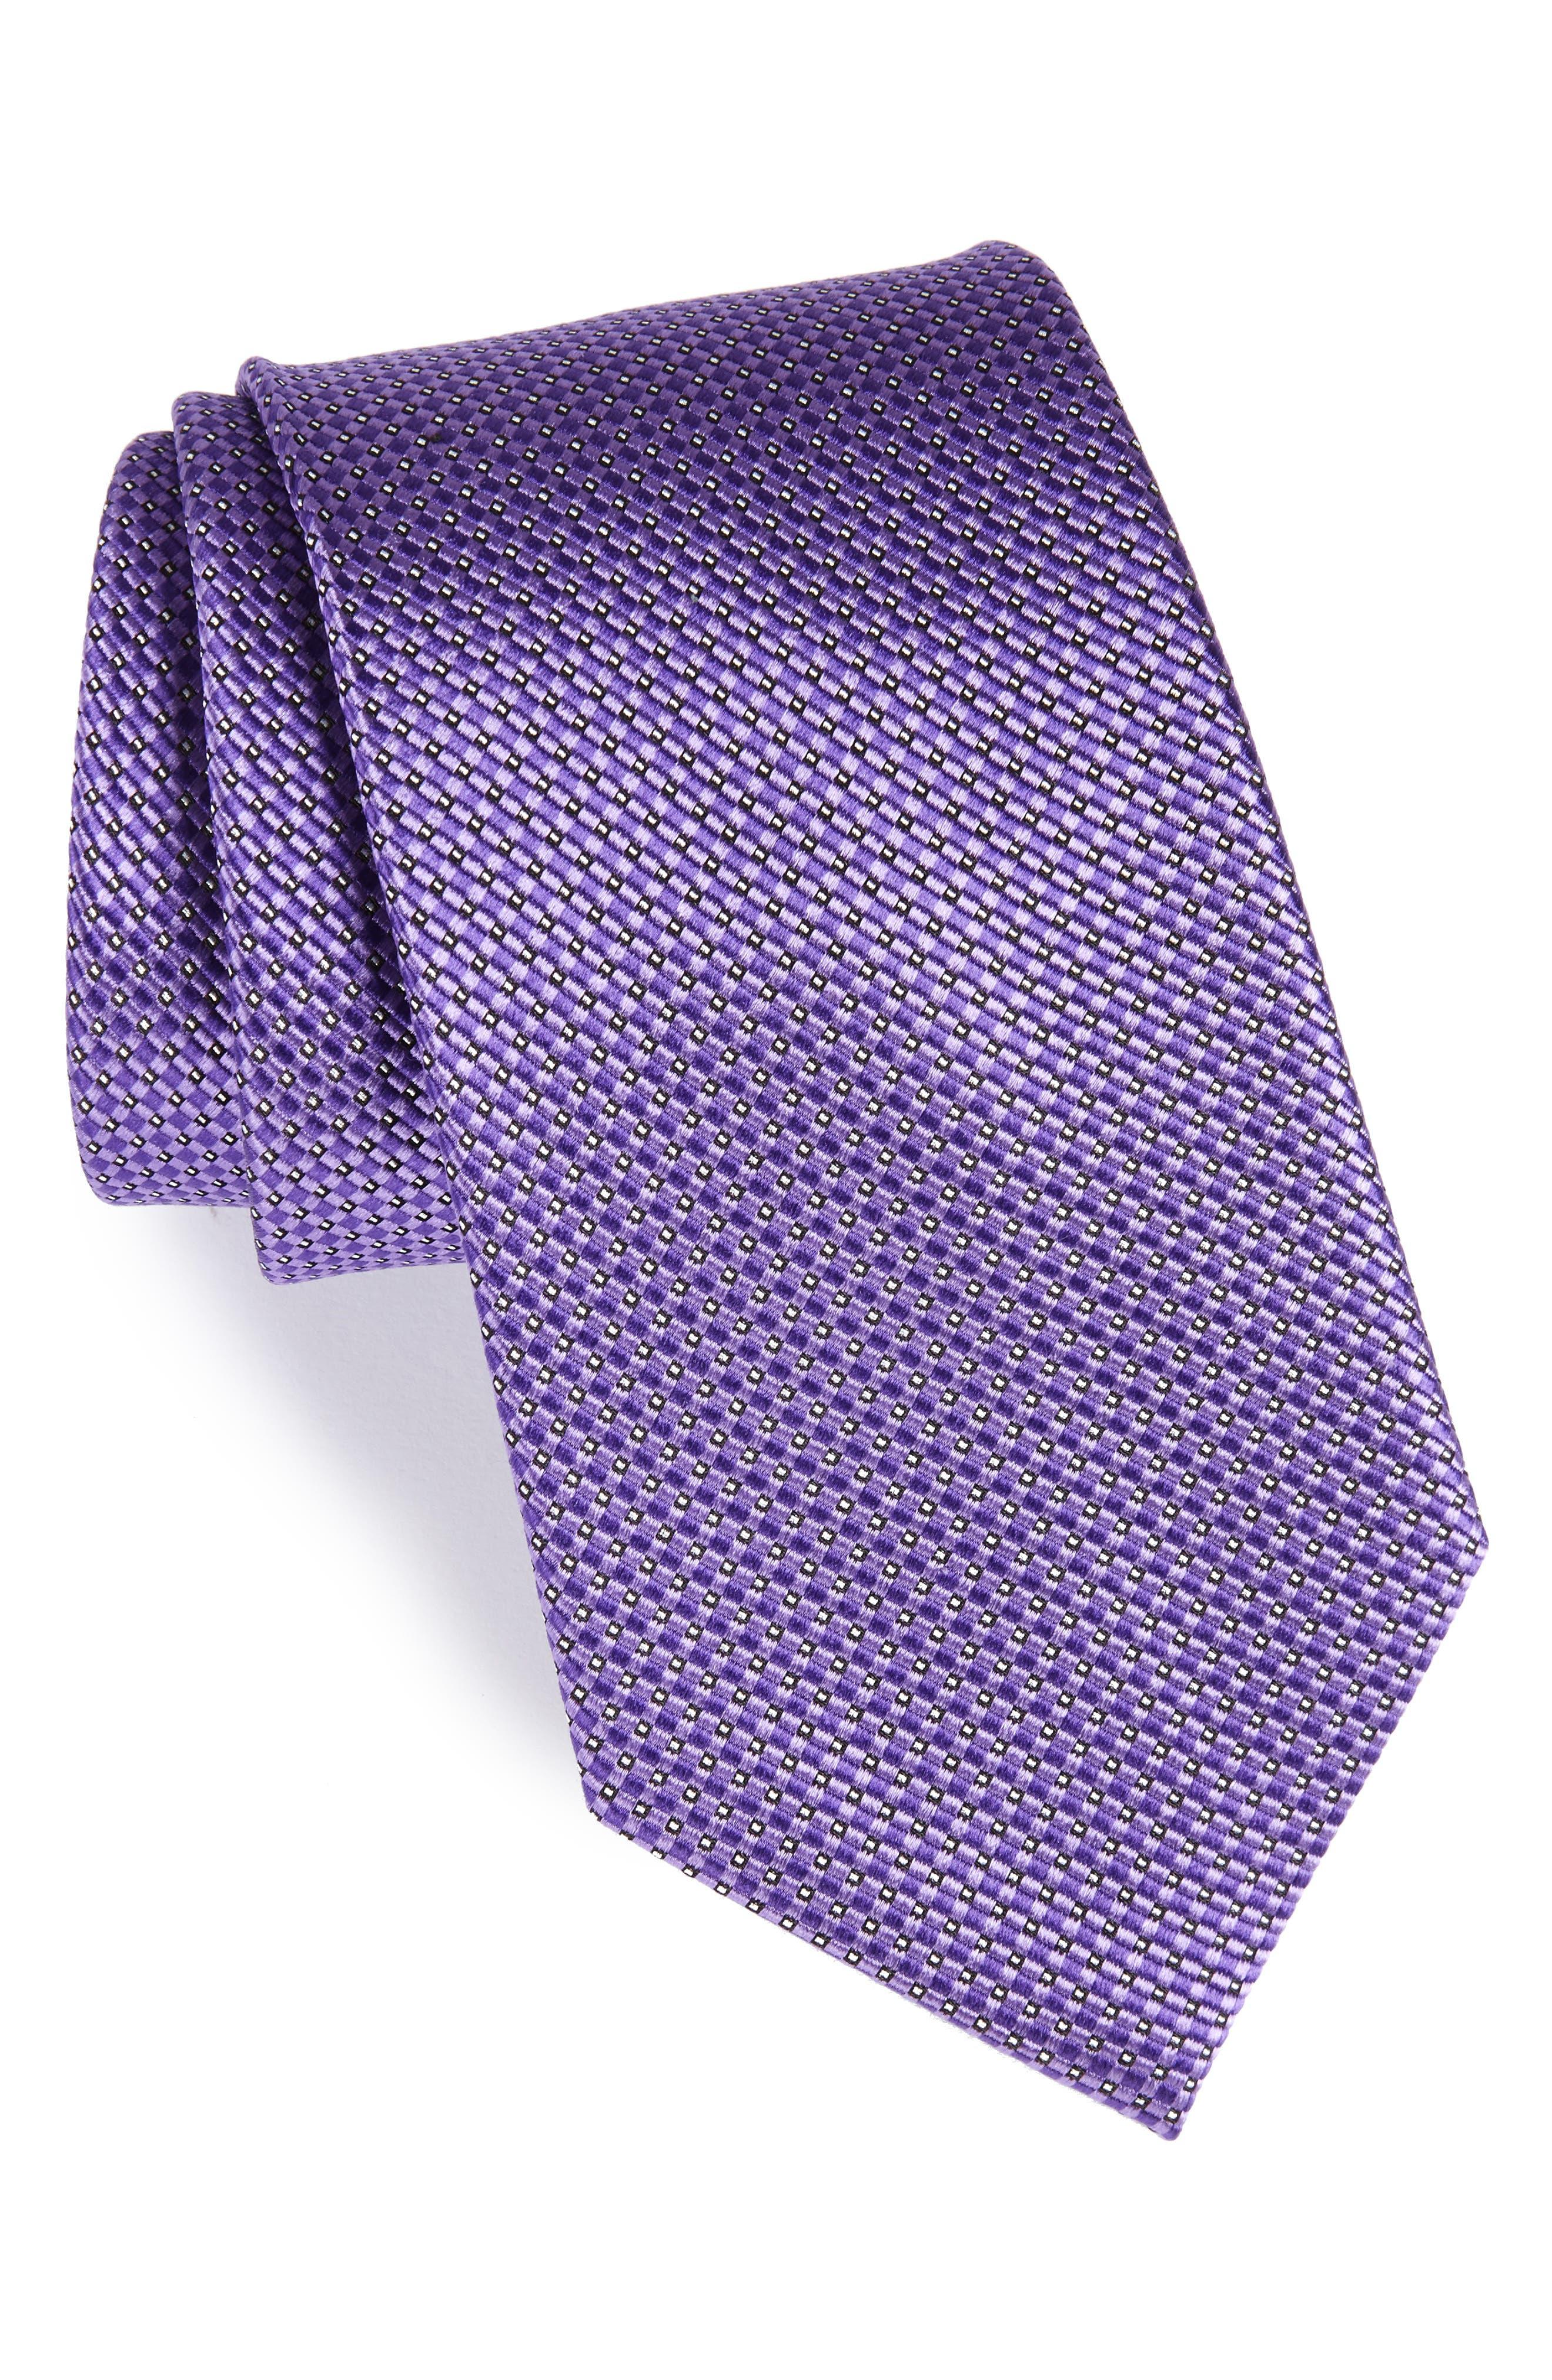 Shop men's ties, bow ties, skinny ties & silk ties. See the best colors & styles of men's bow ties, skinny ties & neckties from Men's Wearhouse.